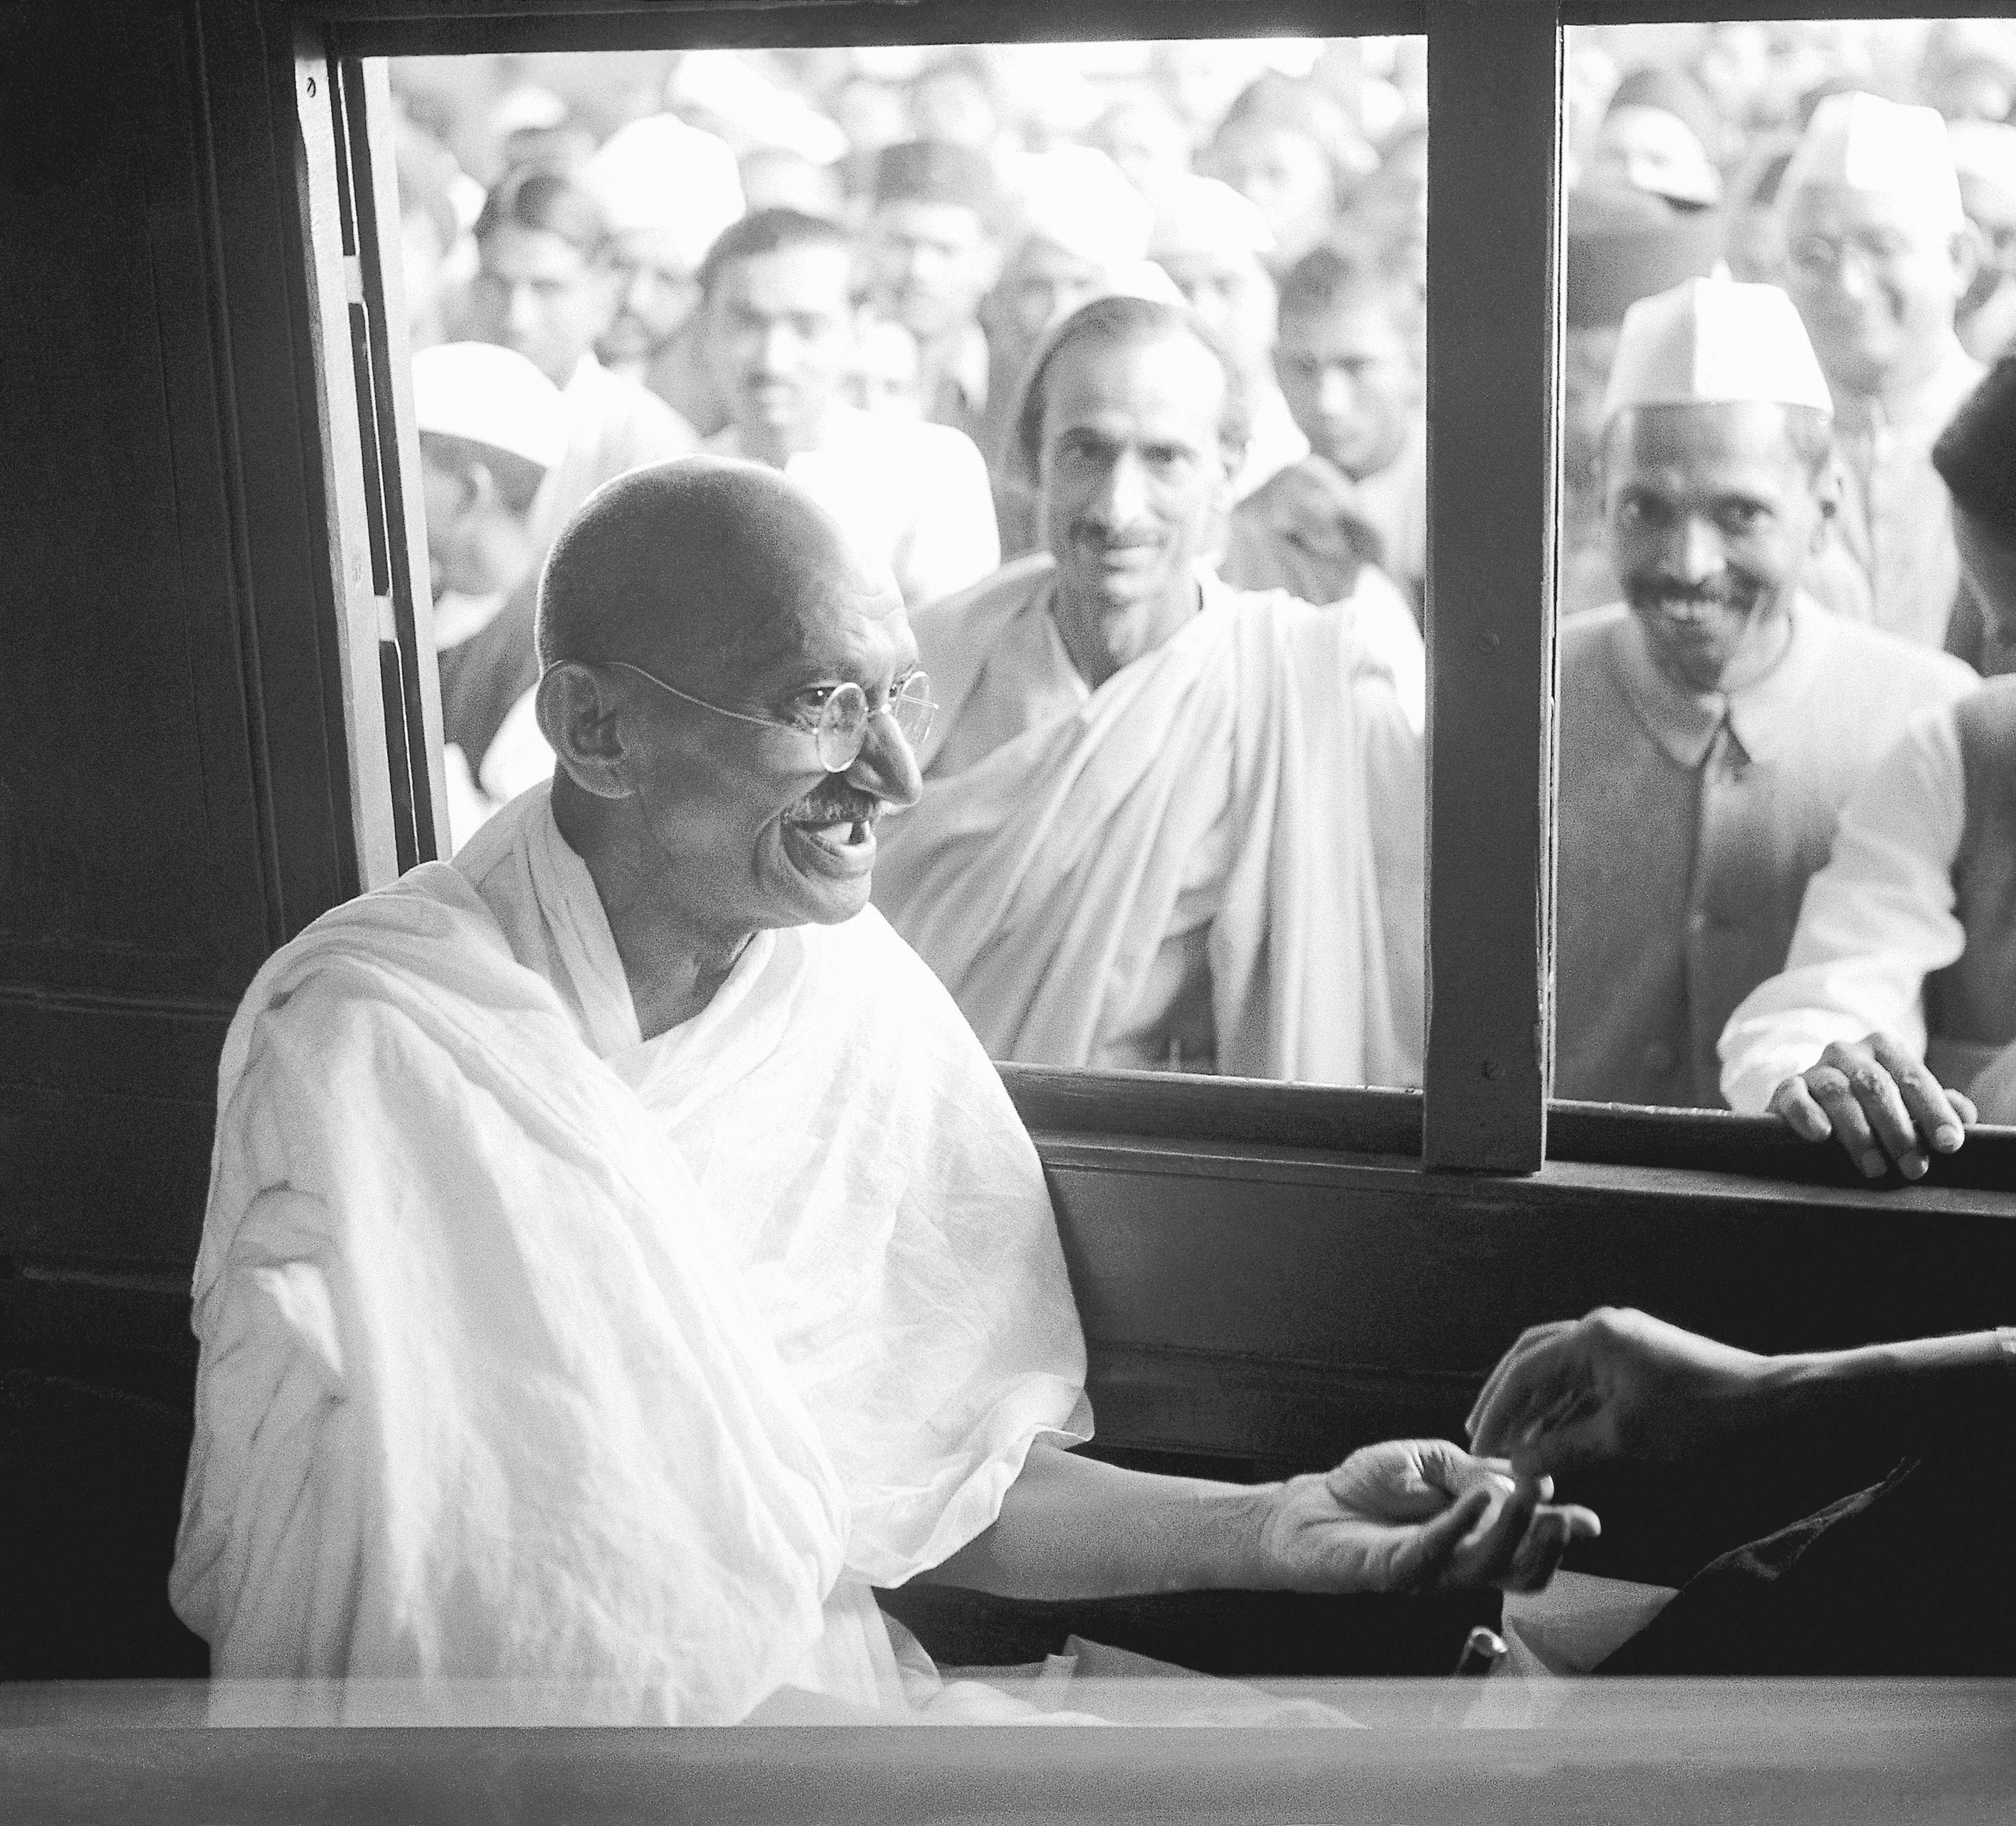 Mahatma Gandhi võtab rongis vastu annetuse. Allikas: Wikimedia Commons